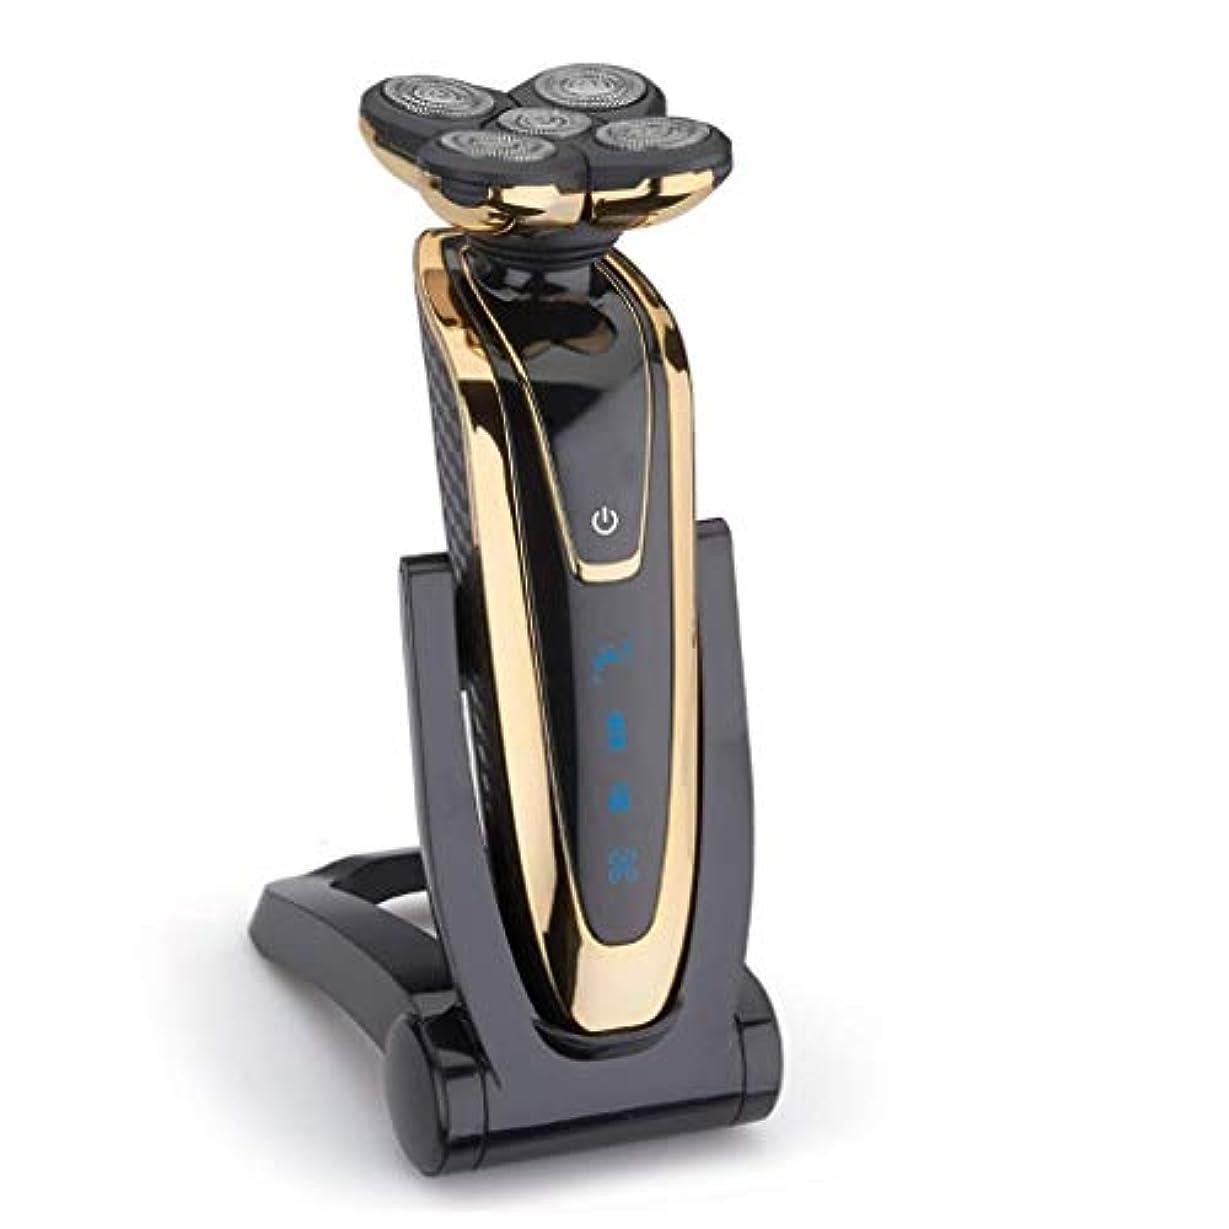 ボーダー自伝エミュレーションBEIHUAN キット3D浮動ロータリーシェーバーコードレスバリカンあごひげ髪トリマー防水USBの充電式グルーミング男性のための電気かみそり (Color : Gold)